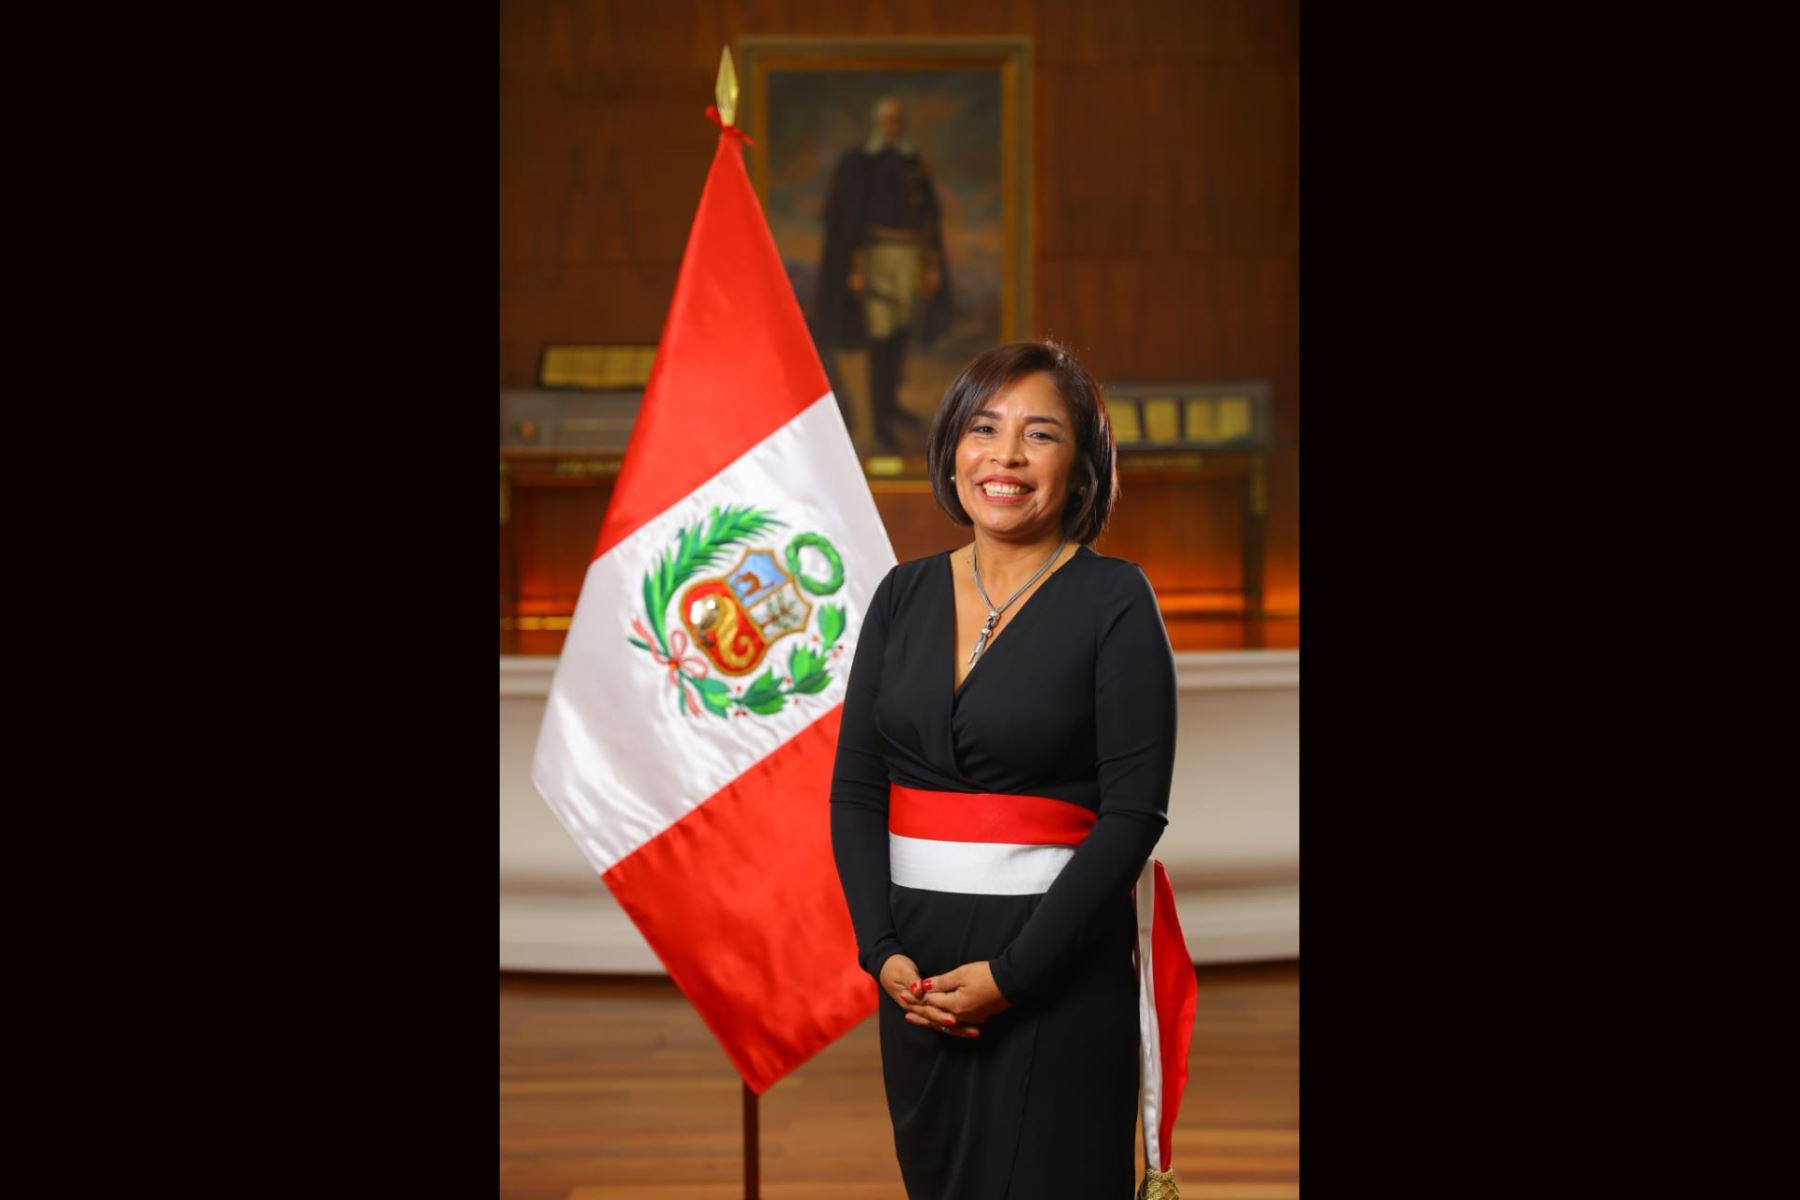 Ministerio de Cultura Patricia Balbuena Palacios. Foto: ANDINA/ Prensa Presidencia